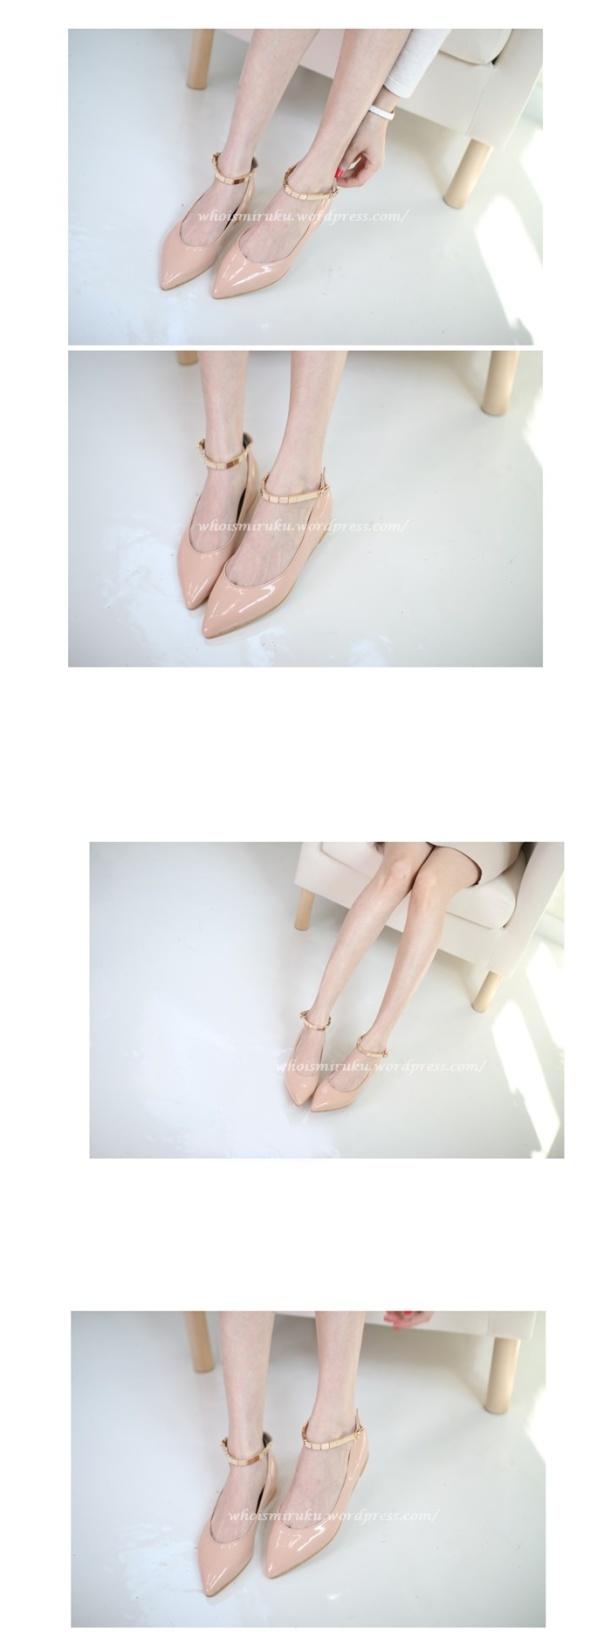 唯美浪漫-部-4